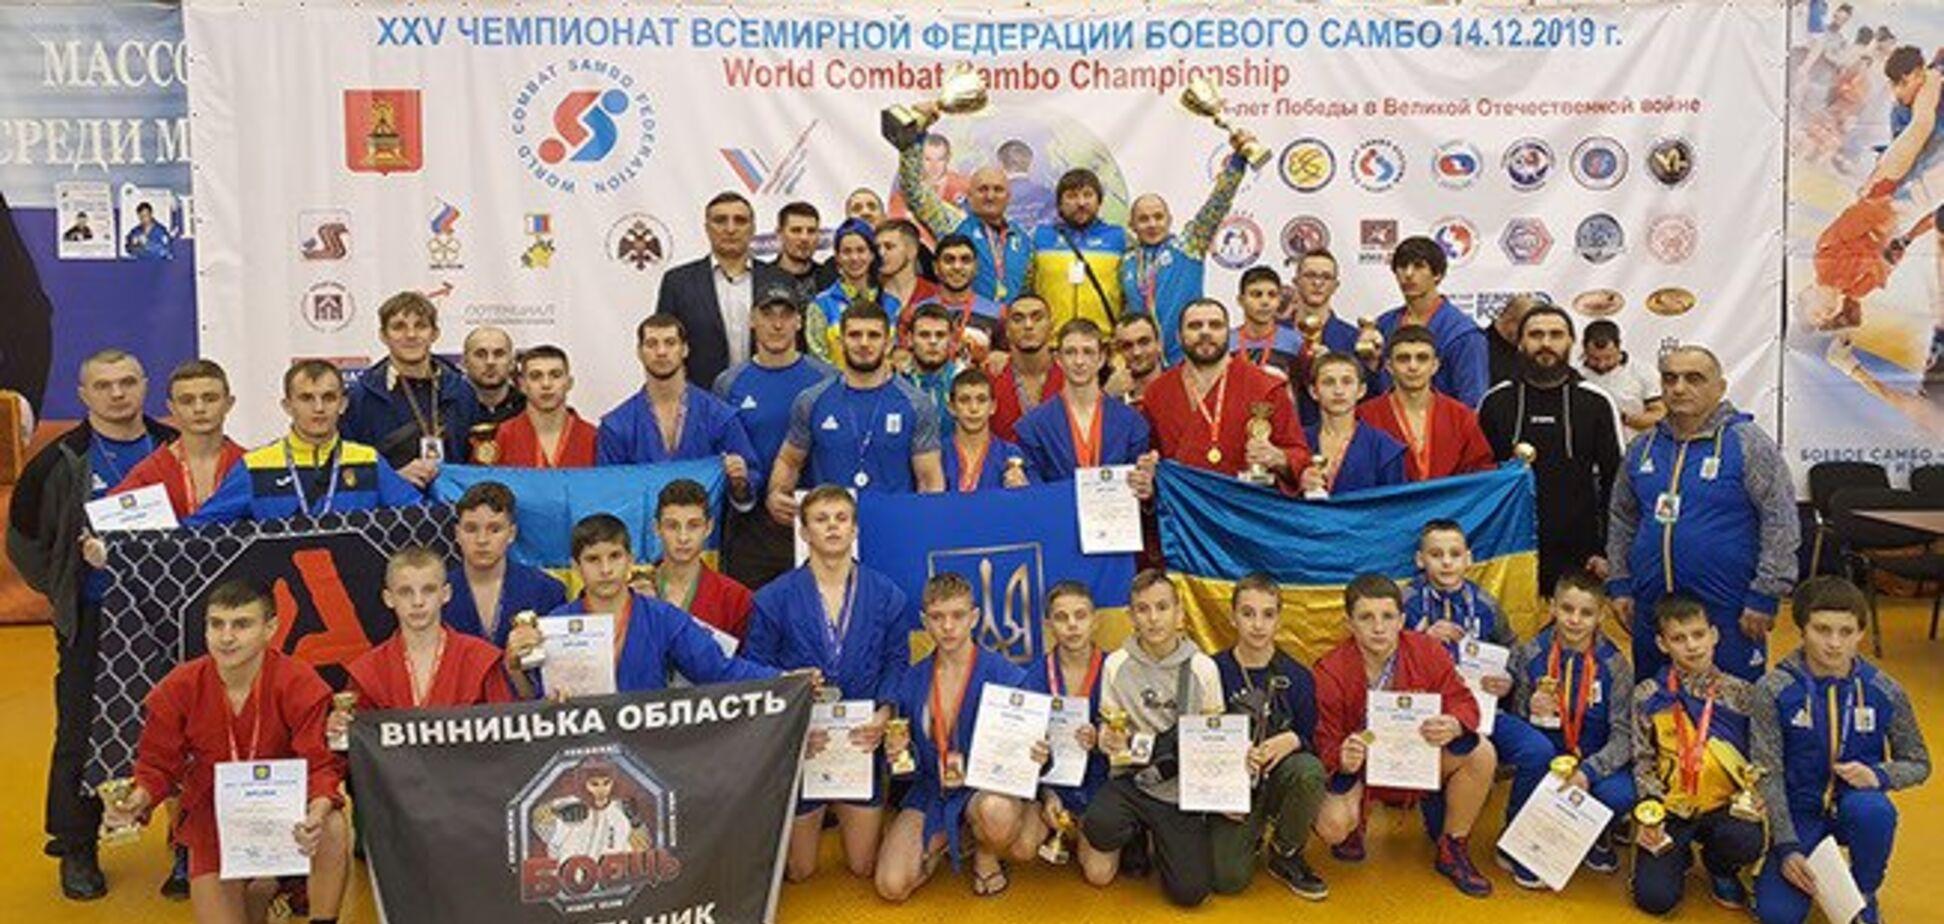 Под портретом Путина: сборная Украины выступила в России вместе с 'ДНР'